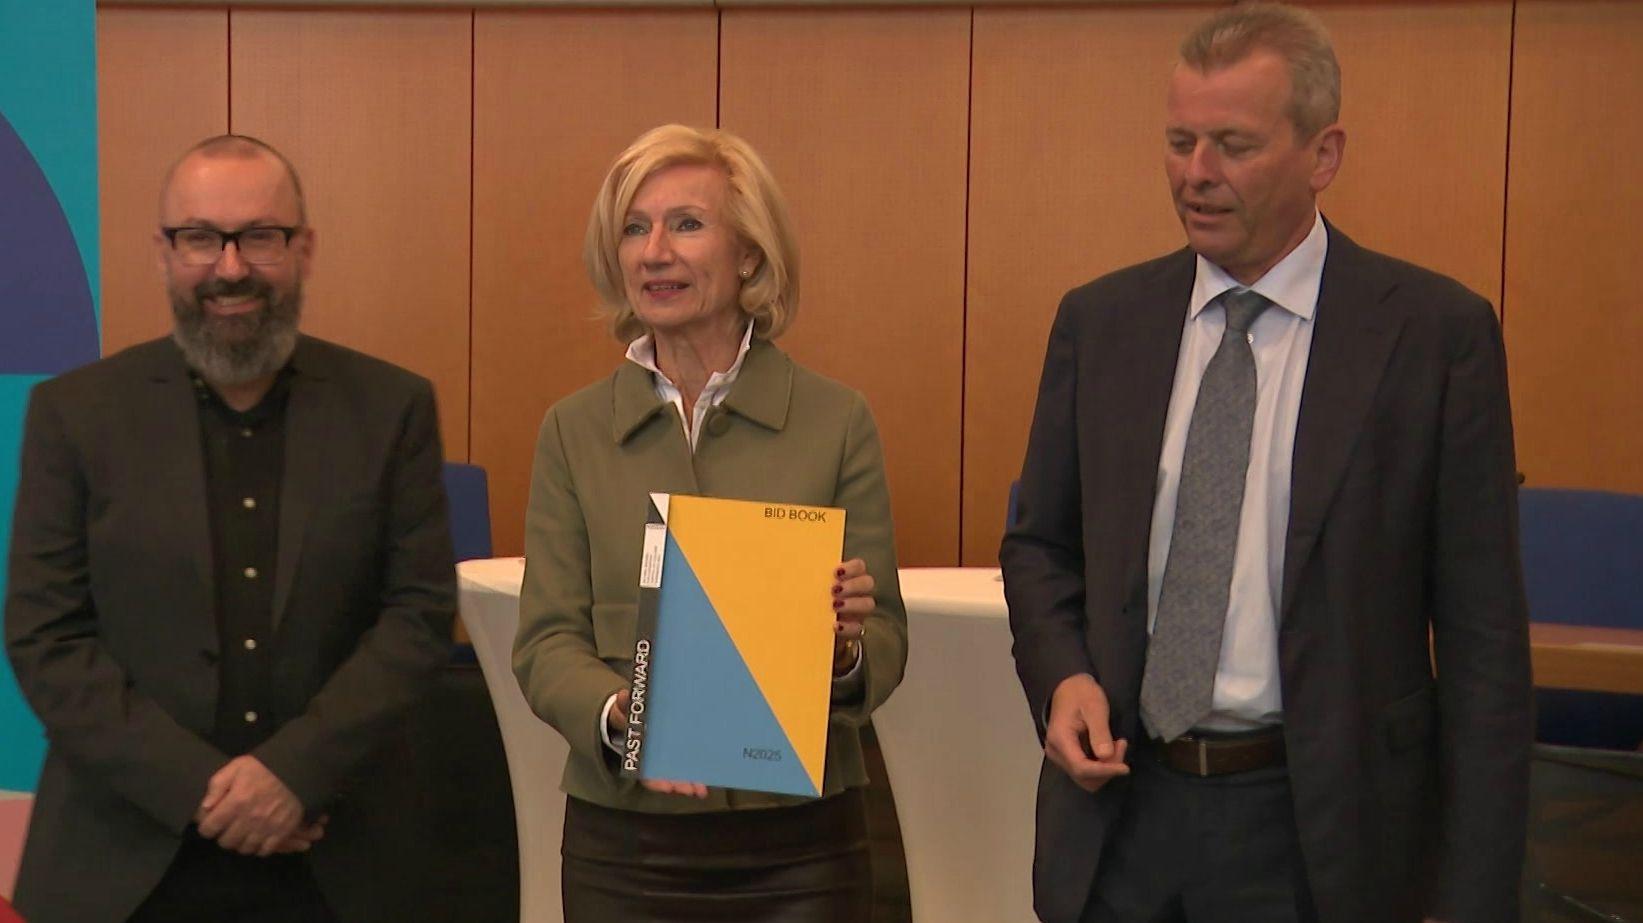 Vertreter der Stadt Nürnberg mit dem Bewerbungsbuch zur Kulturhauptstadt 2025.